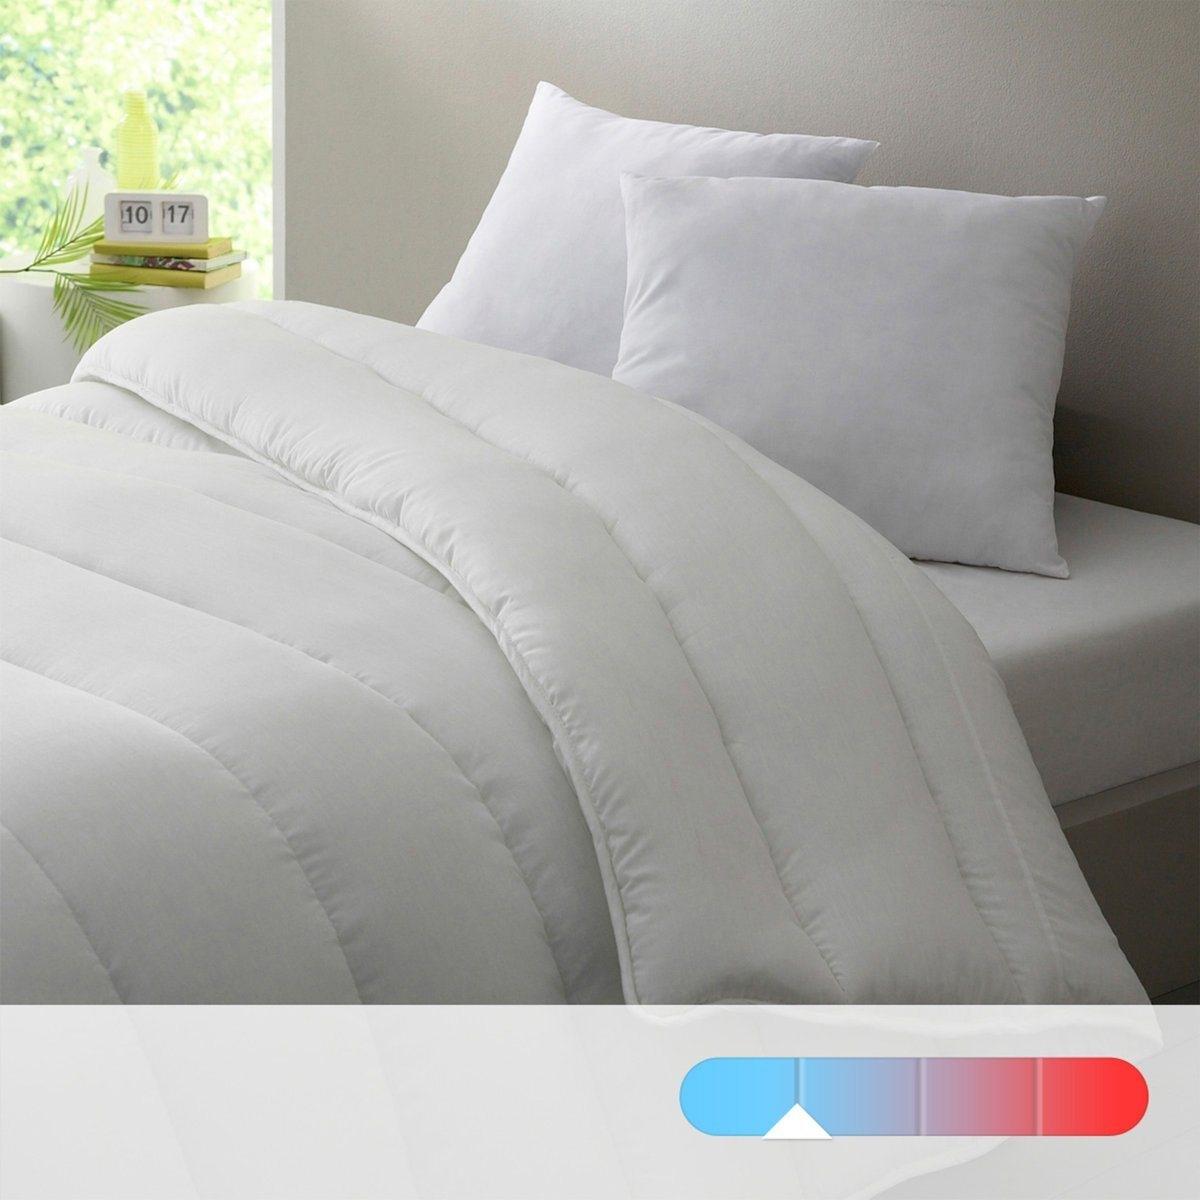 Одеяло с обработкой, 175 г/м?175 г/м? : идеально подходит для отапливаемых помещений с температурой 20° и более . Наполнитель : 100% полиэстера Чехол : 100% полиэстер. Отделка бейкой. Прострочка : под угломСтирка при температуре 30°Биоцидная обработка<br><br>Цвет: белый<br>Размер: 260 x 240  см